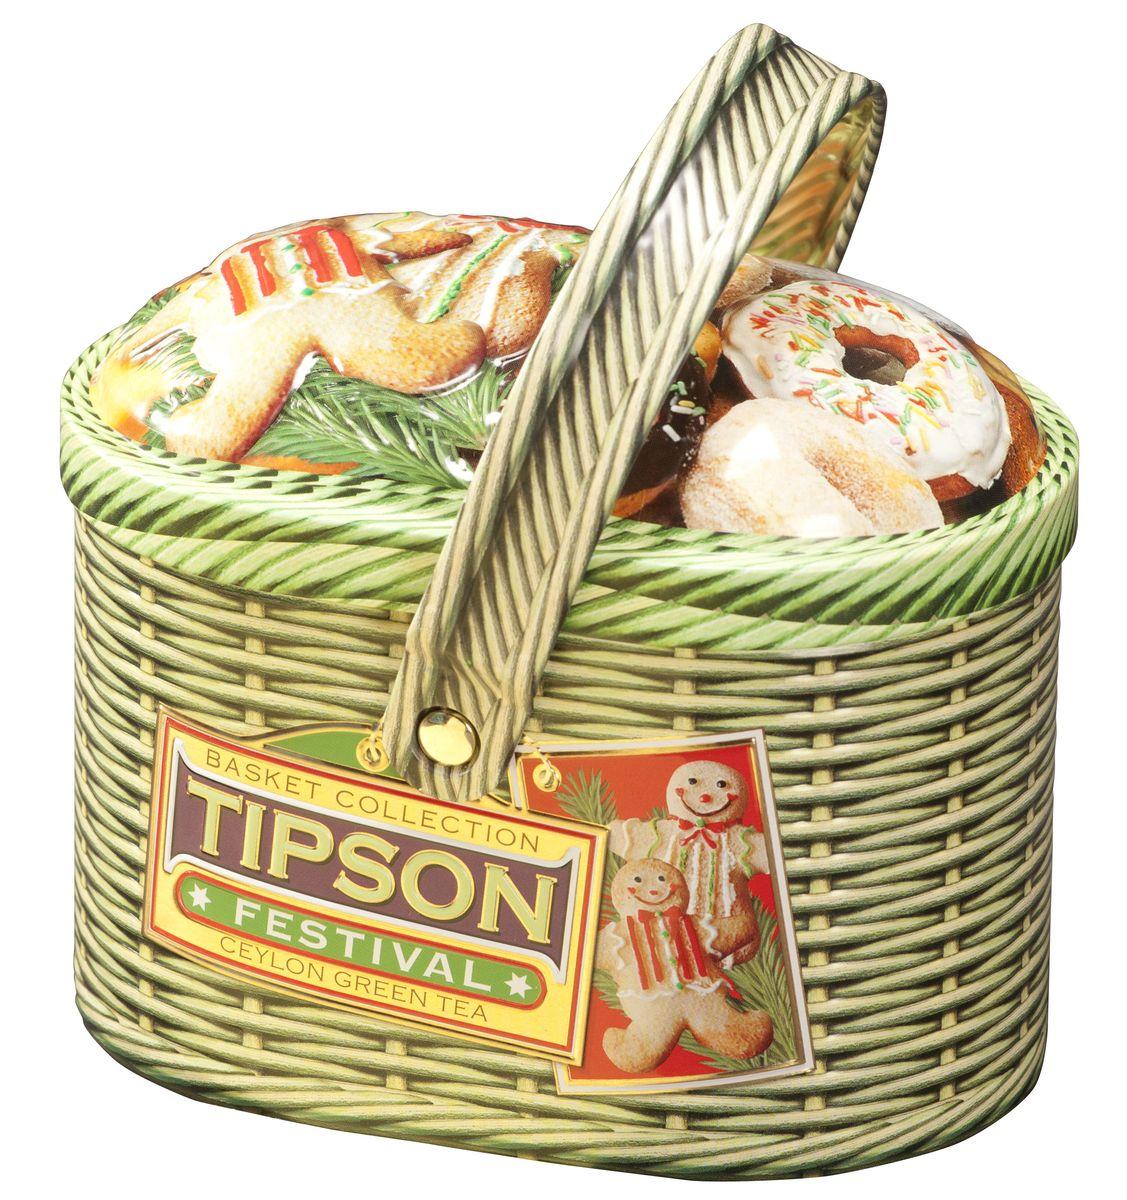 Tipson Festival зеленый листовой чай, 100 г (жестяная банка)0120710Чай зелёный цейлонский байховый листовой Tipson Festival с кусочками киви и кокоса, лепестками подсолнечника, ароматами абрикоса, ананаса и папайи.